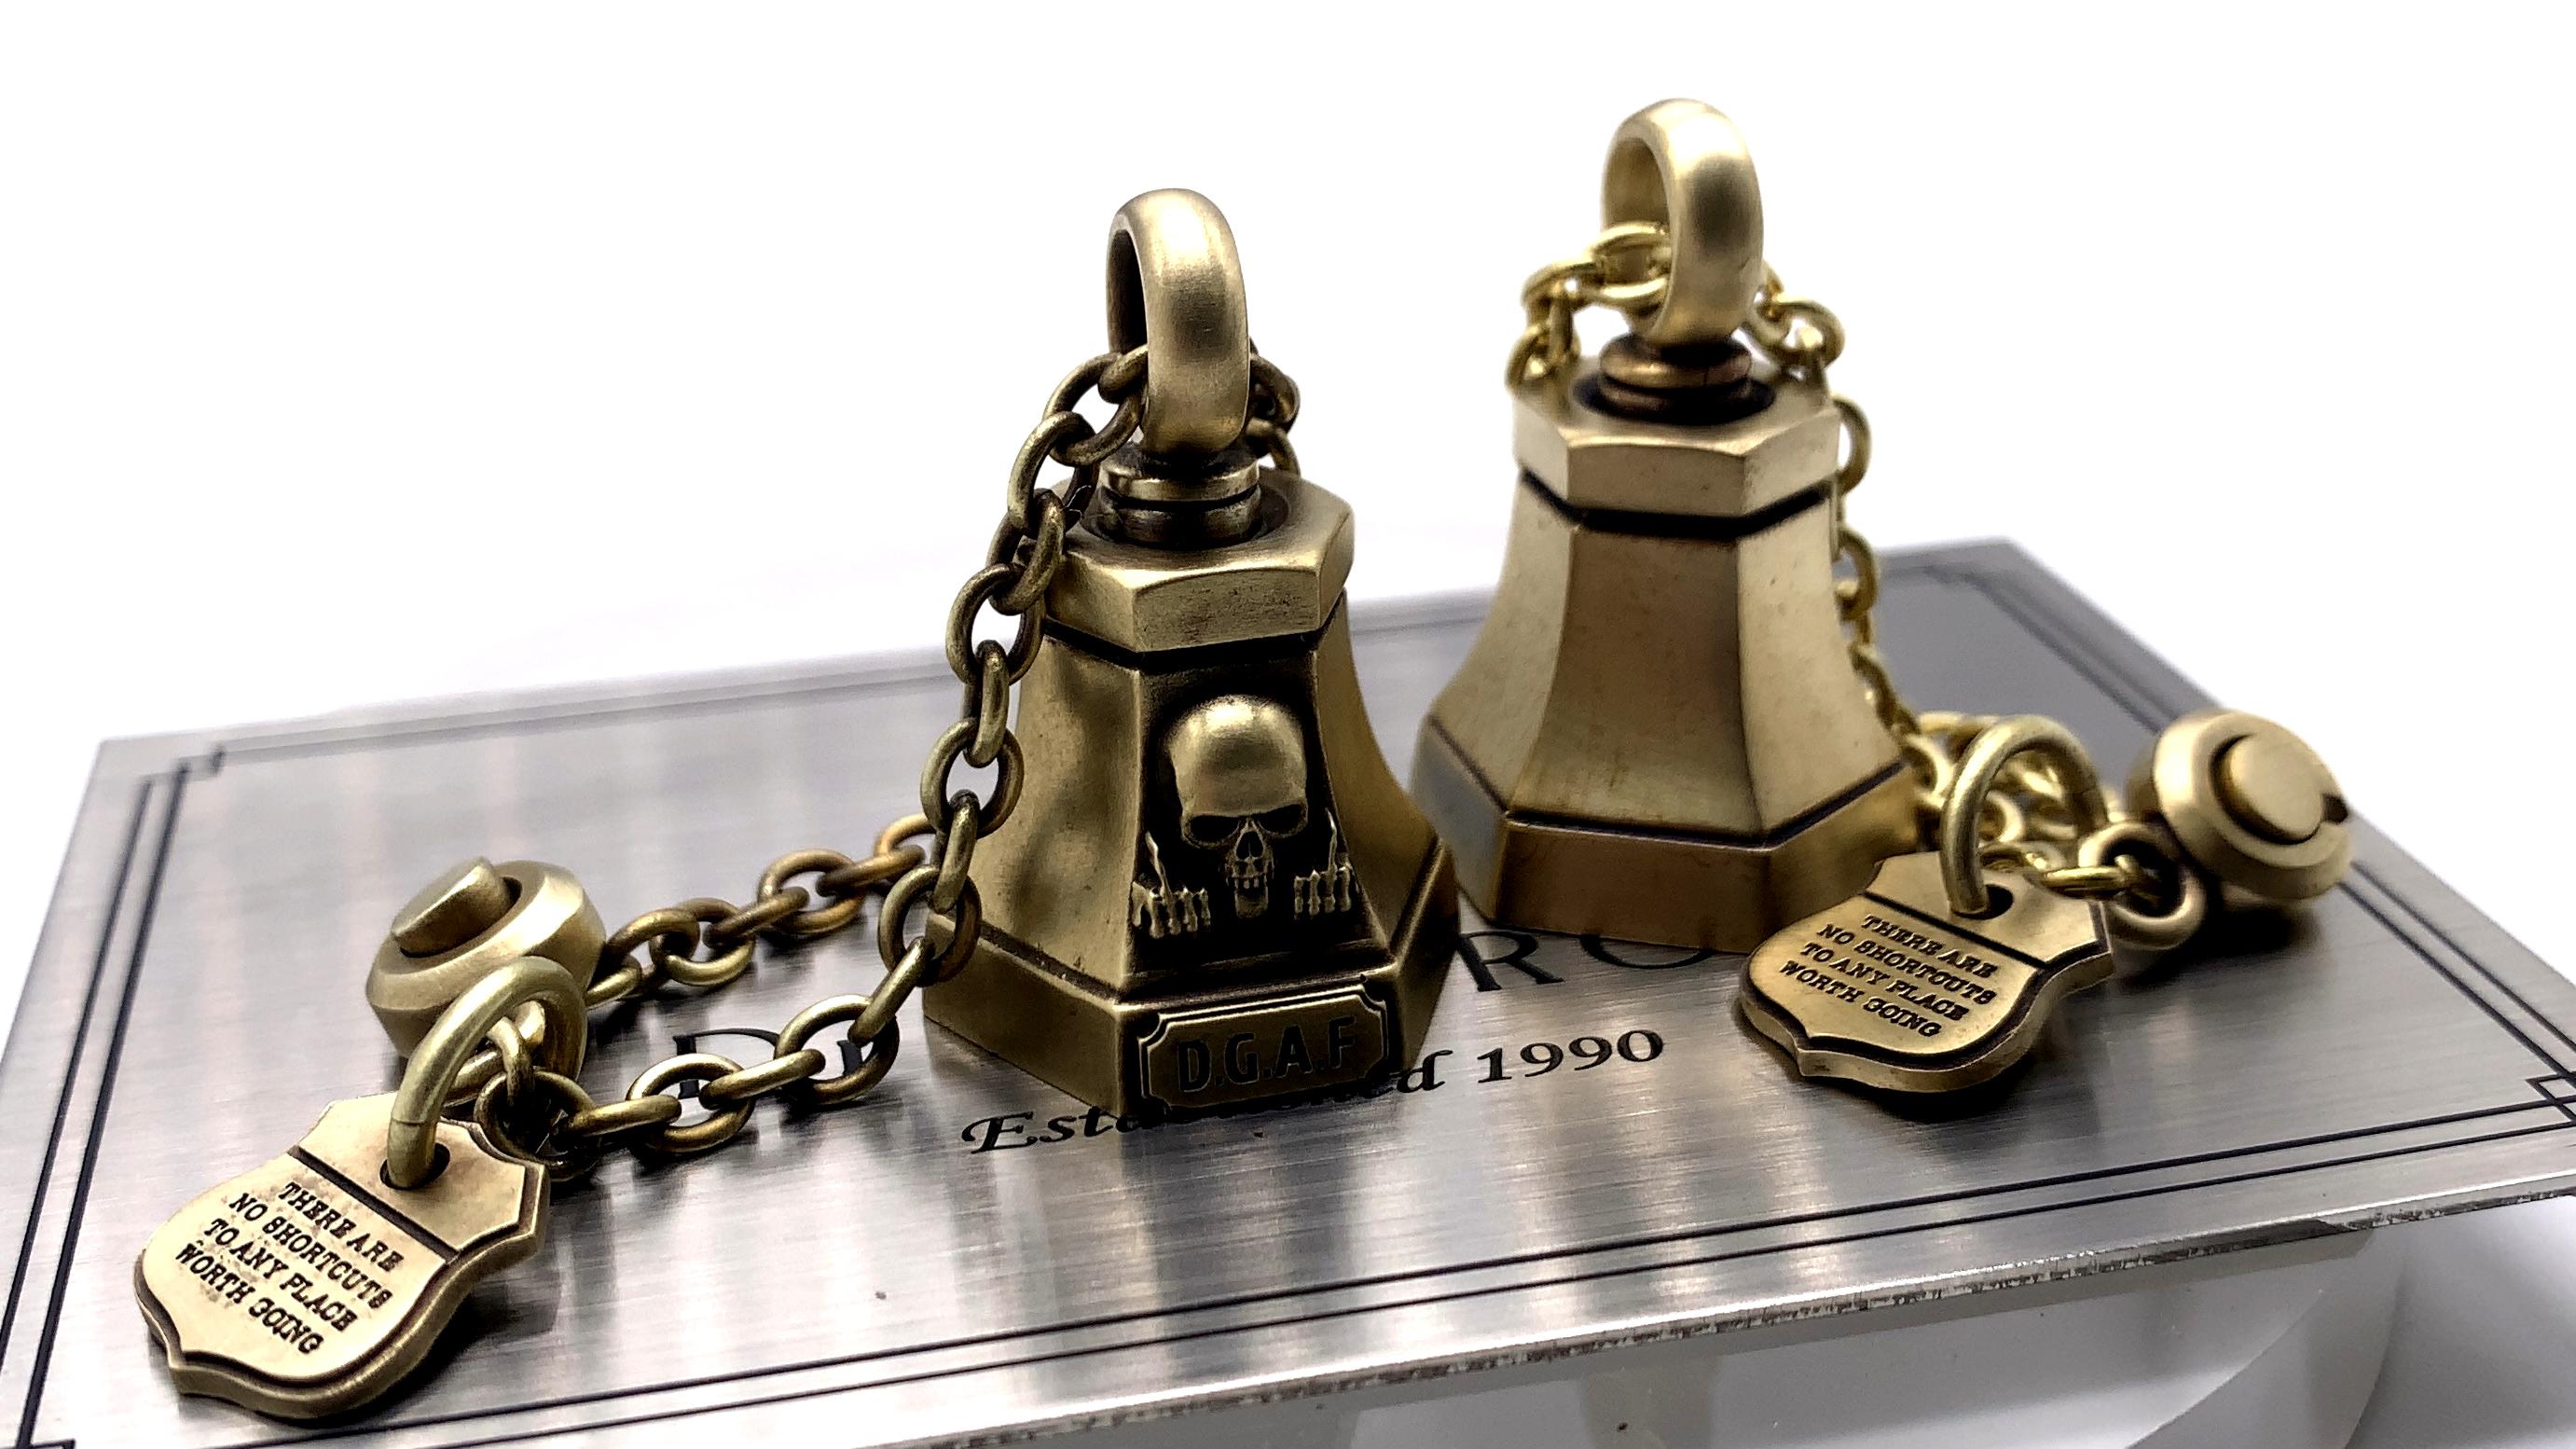 ガーディアンベル、kc06、真鍮製